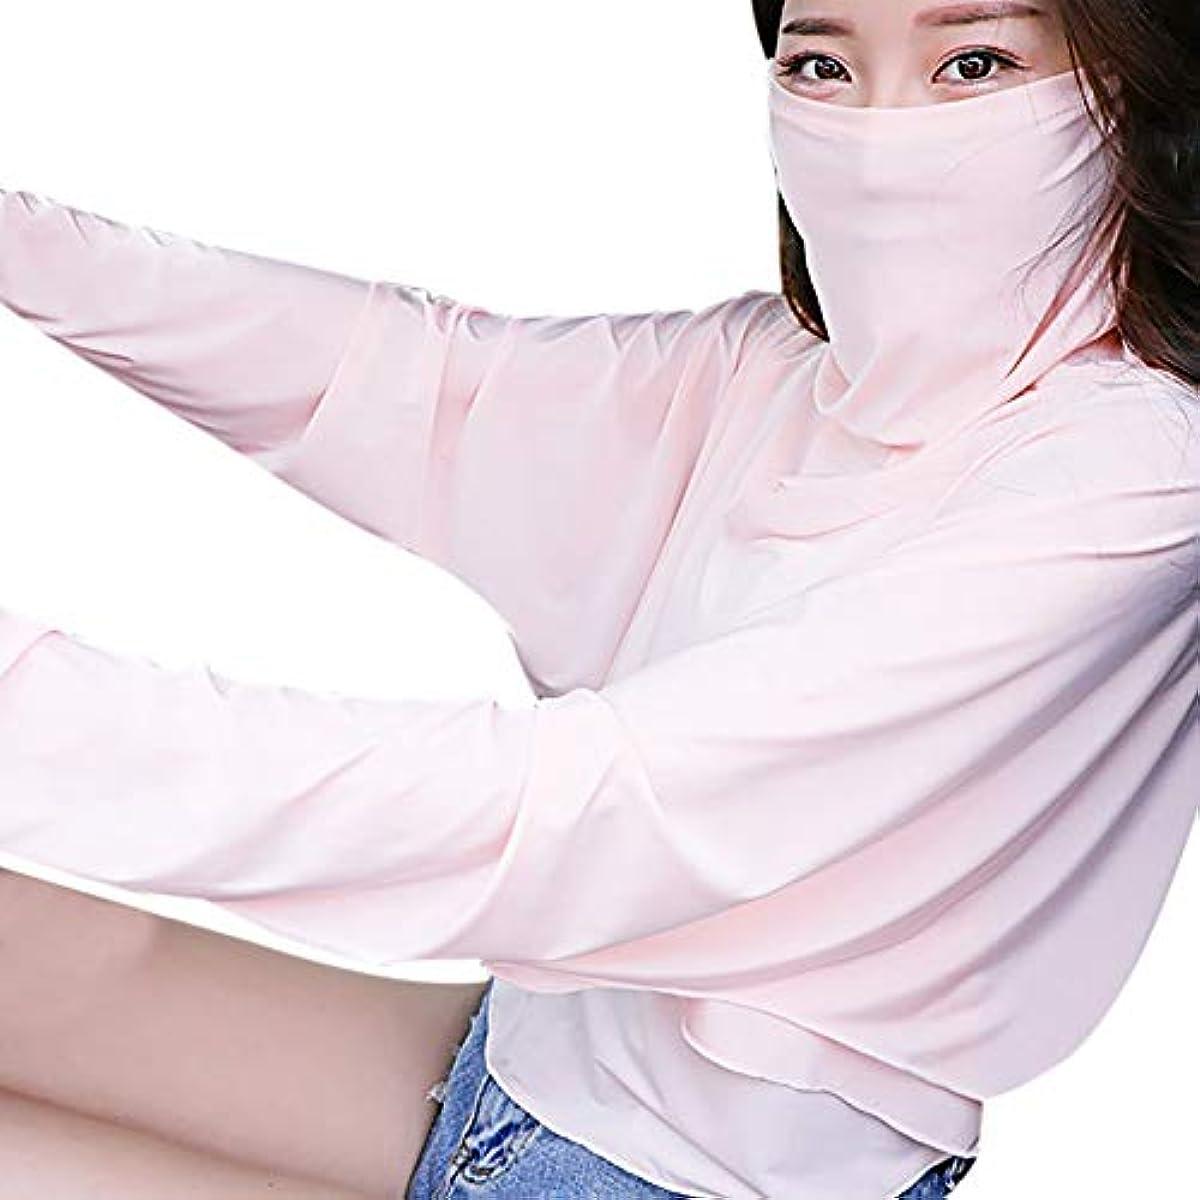 指有力者中庭Dkhsy女性軽量クイックドライサンプロテクション服uv保護コート抗uv通気性ショール屋外防蚊シャツ付きフェイスマスク